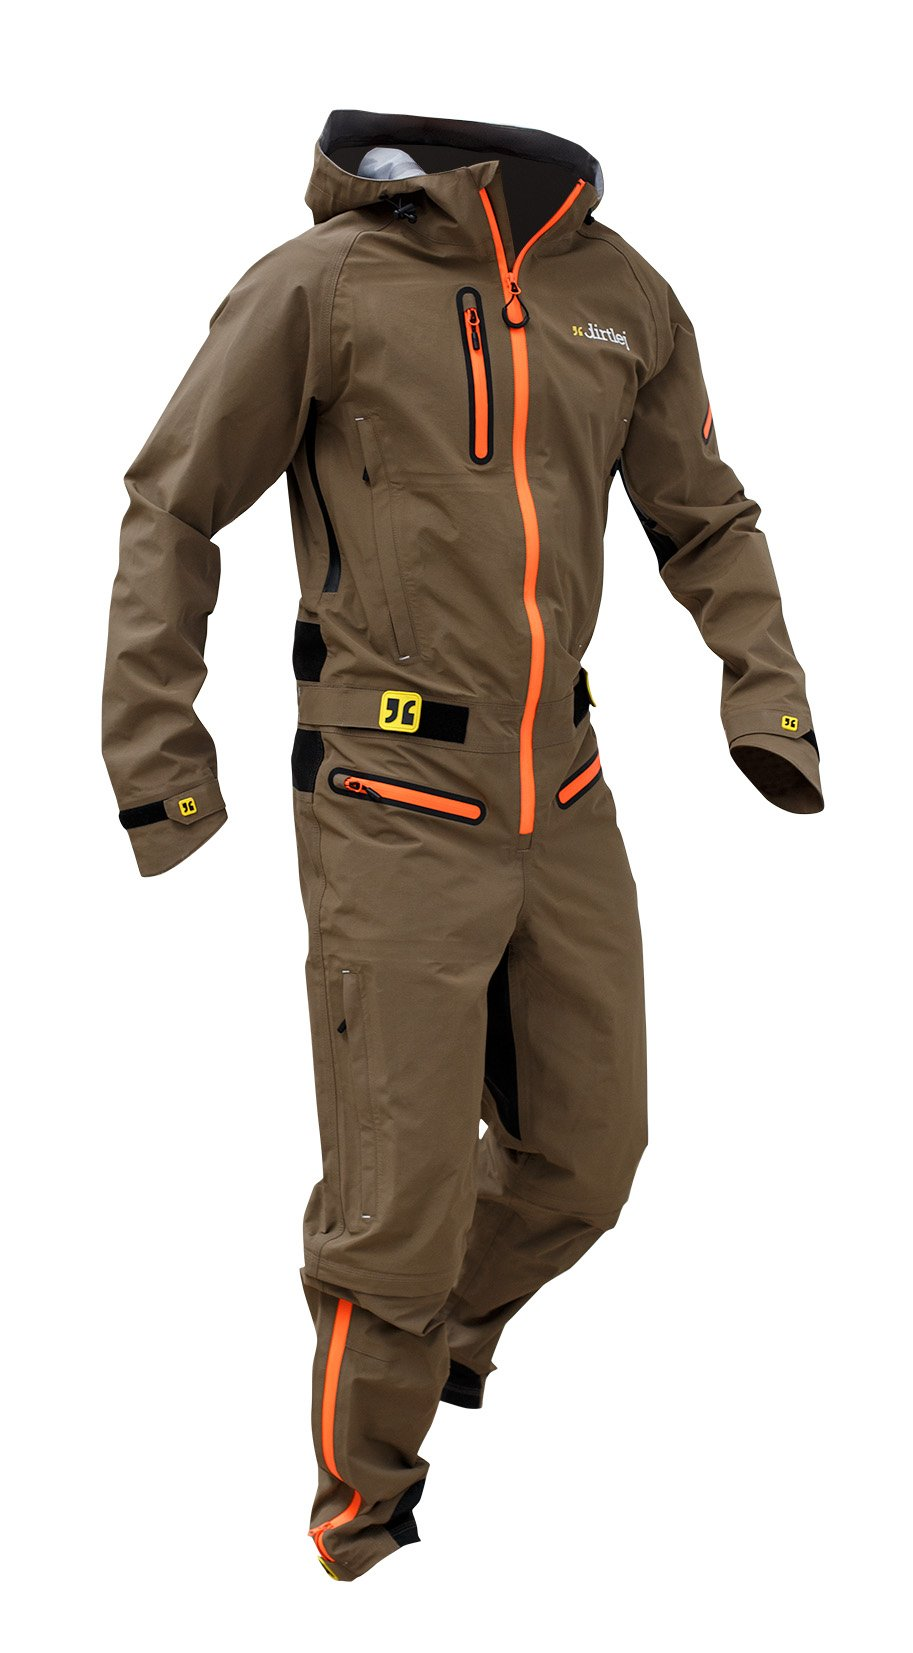 Dirtlej Dirtsuit Core Edition heldragt med lange ben sandfarvet | item_misc